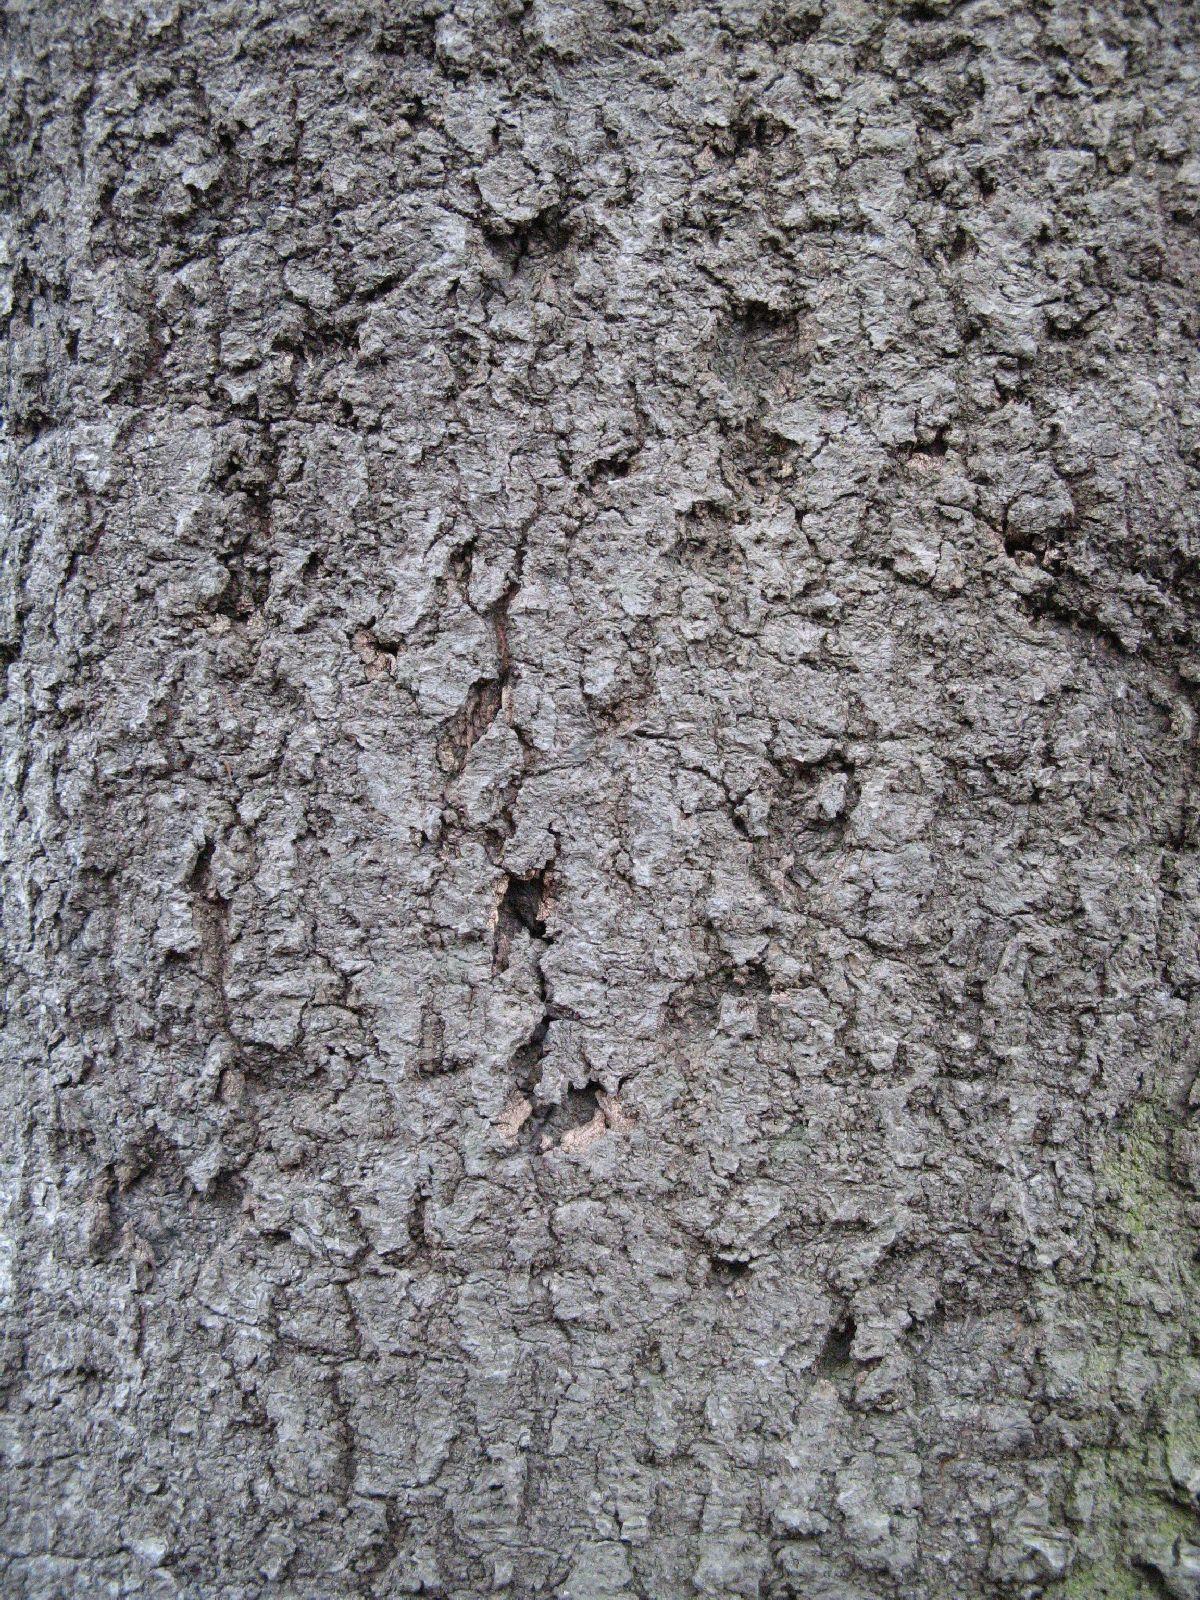 Baum-Rinde_Texturs_B_27260